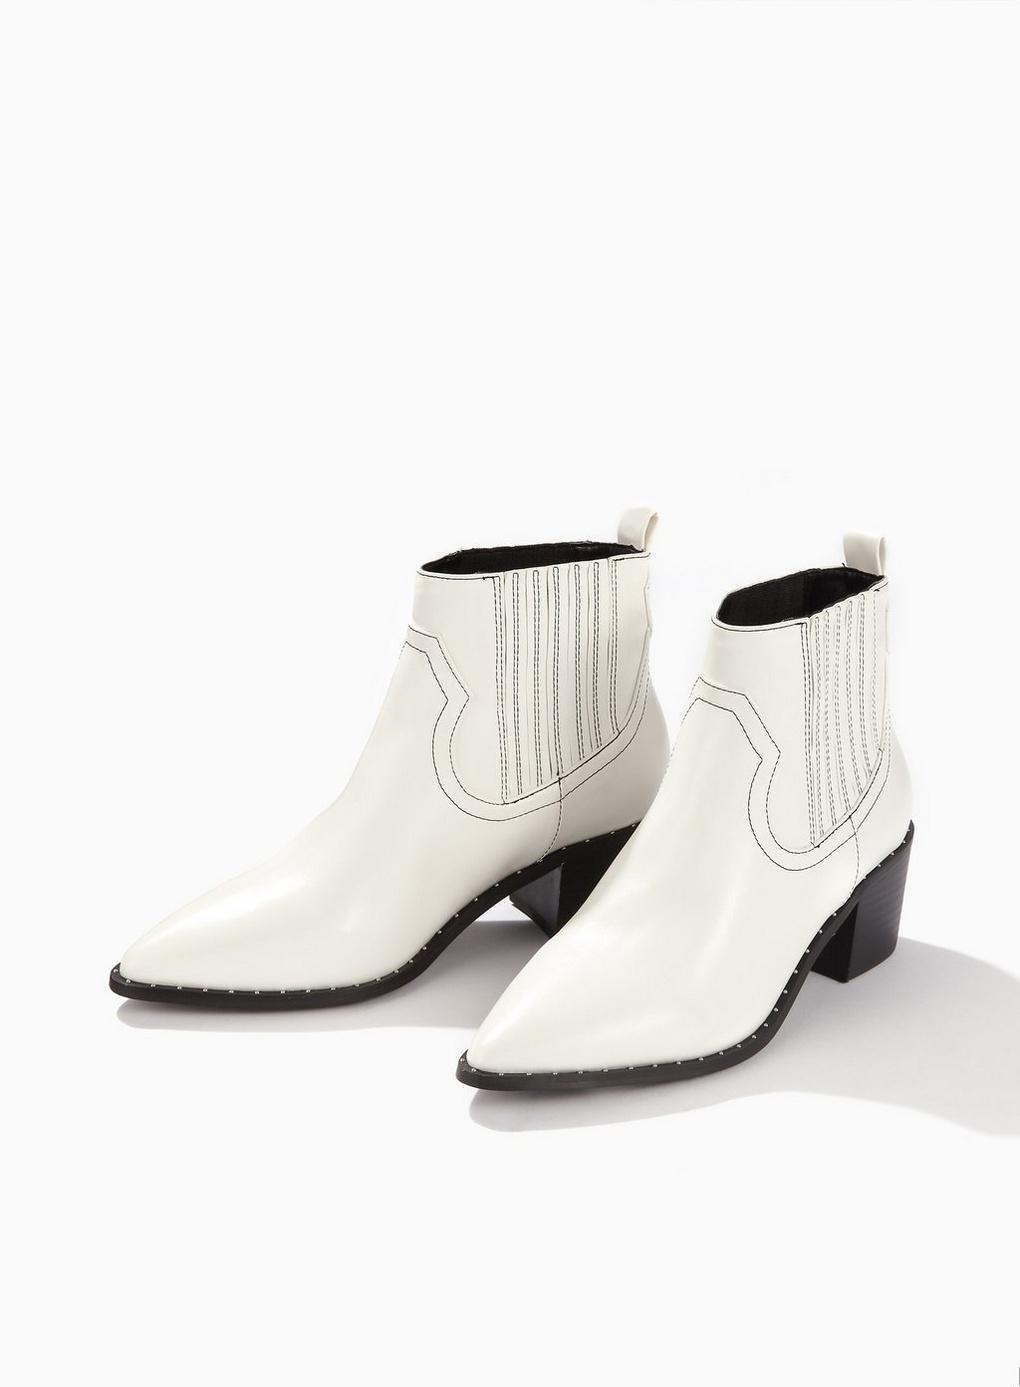 Selfridge Brooke Lyst Western In Boots Miss White TFKJul1c3